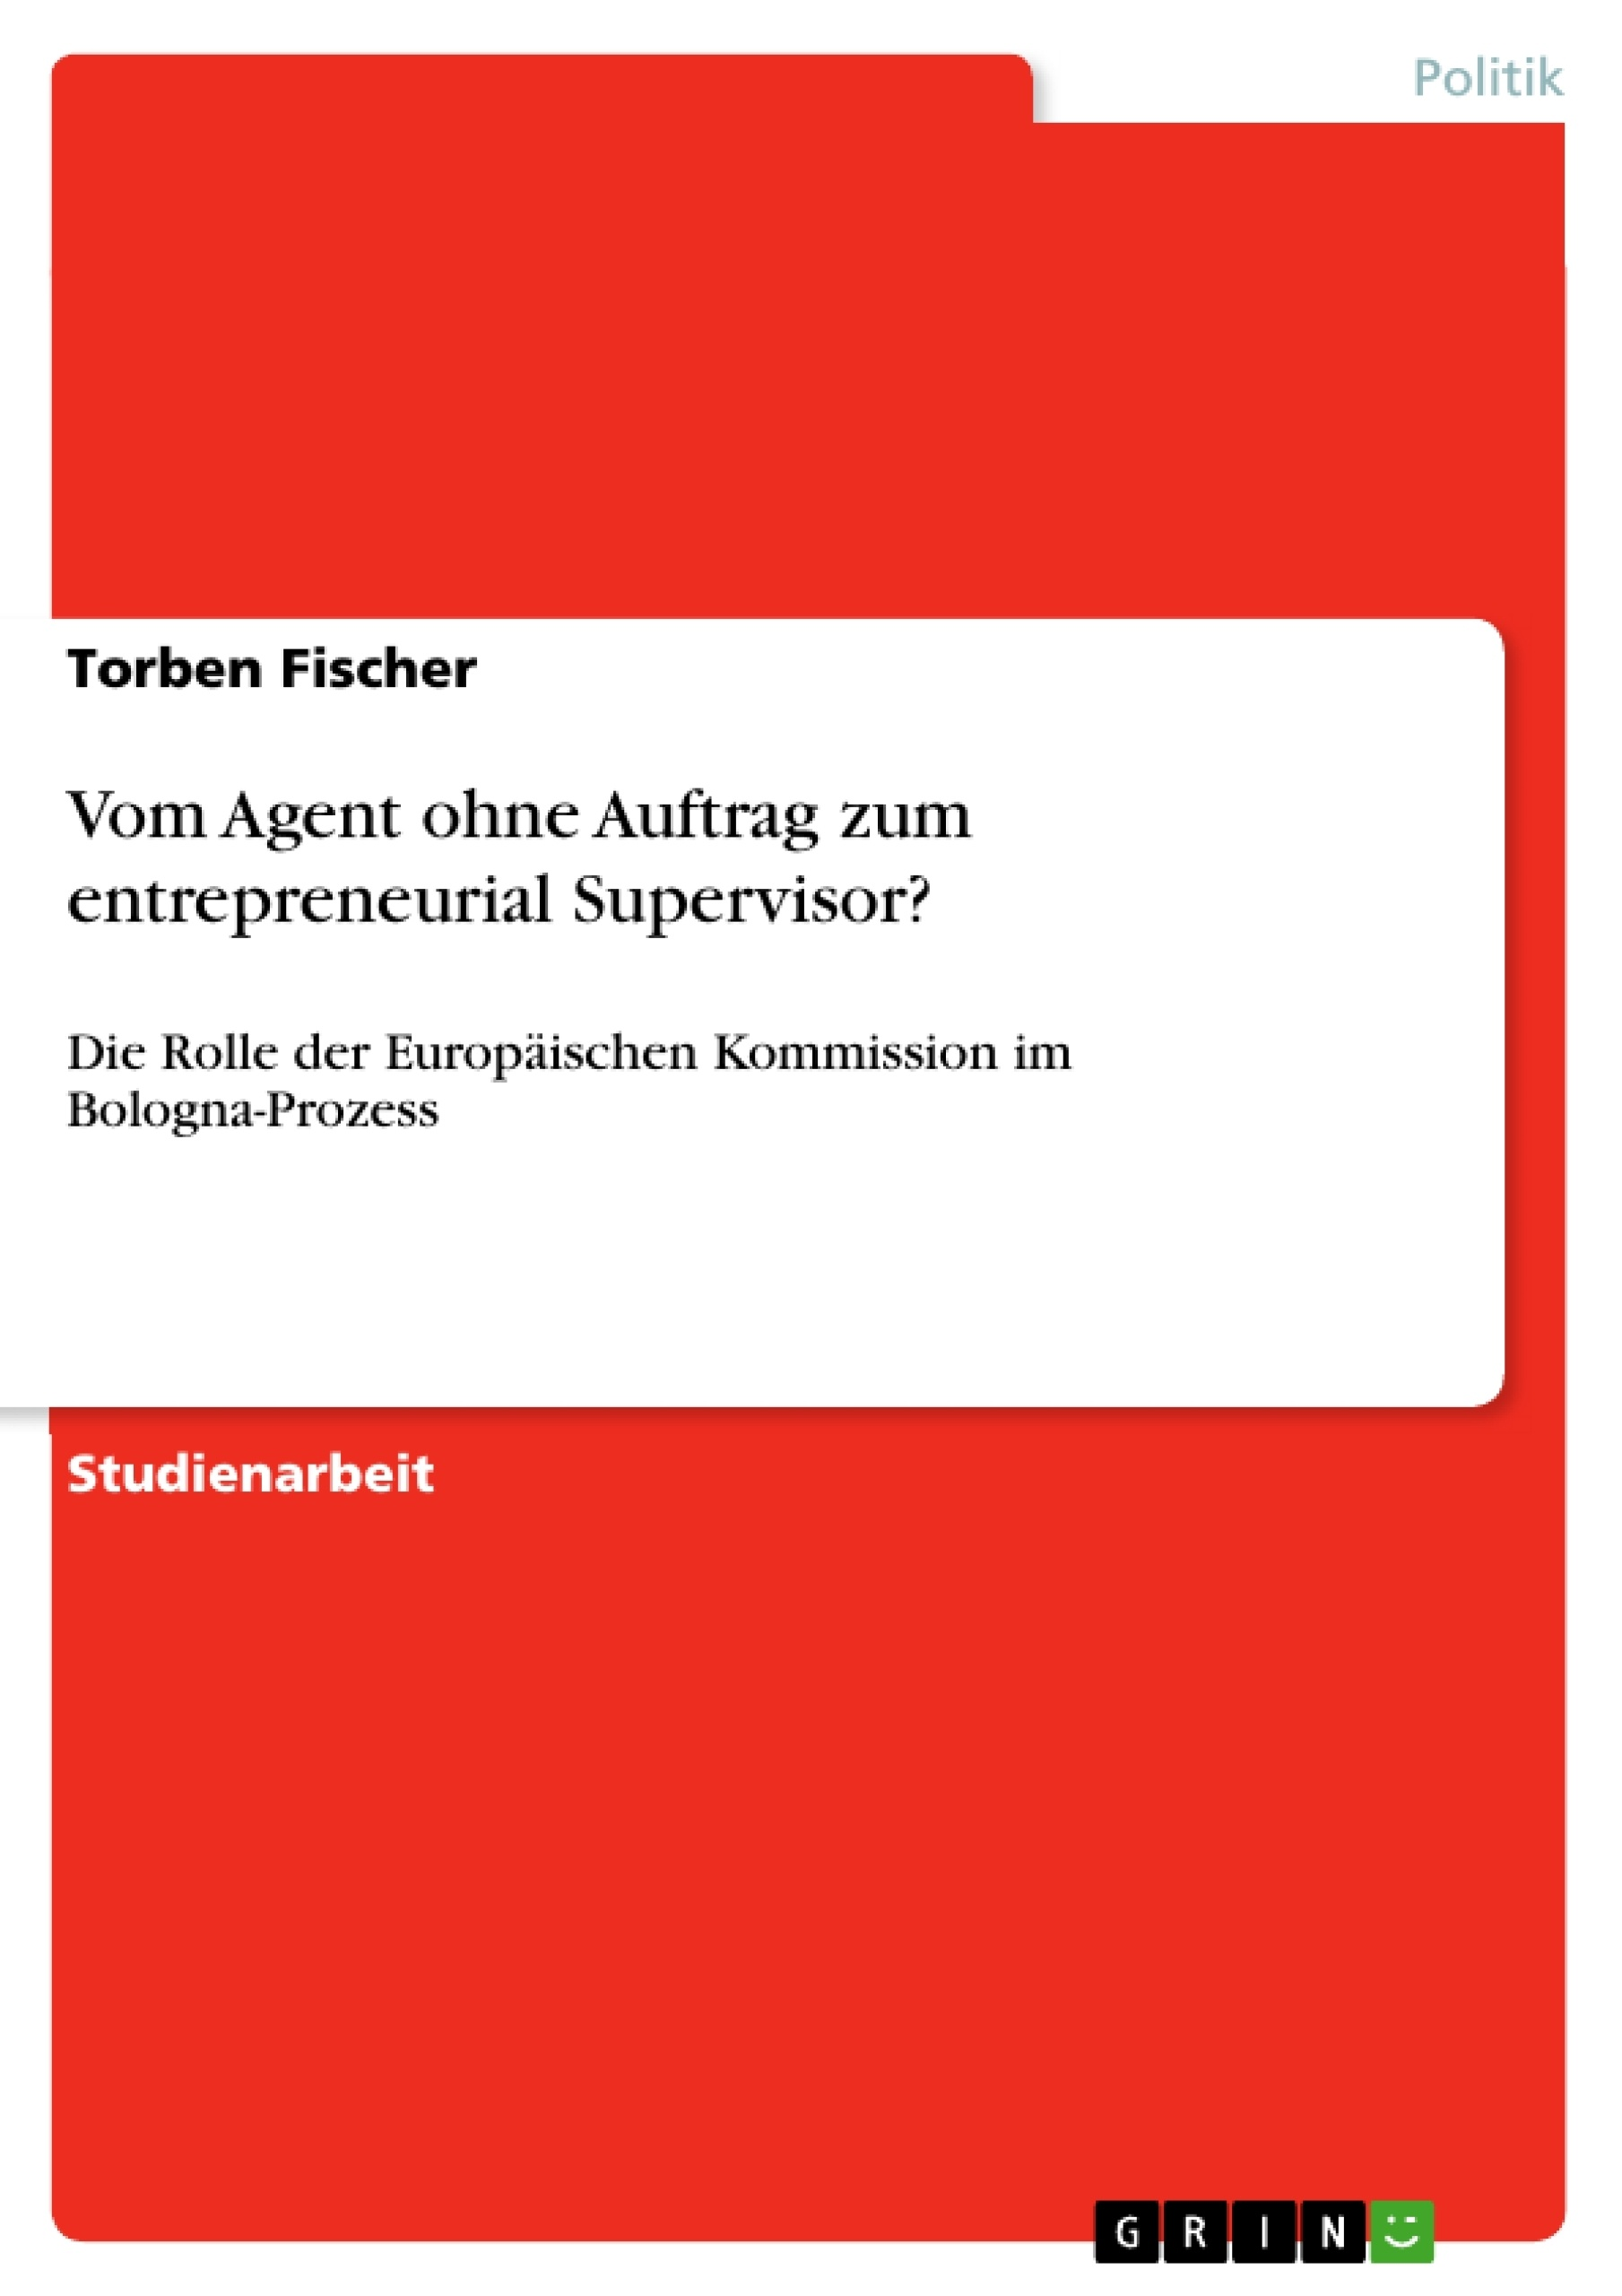 Titel: Vom Agent ohne Auftrag zum entrepreneurial Supervisor?